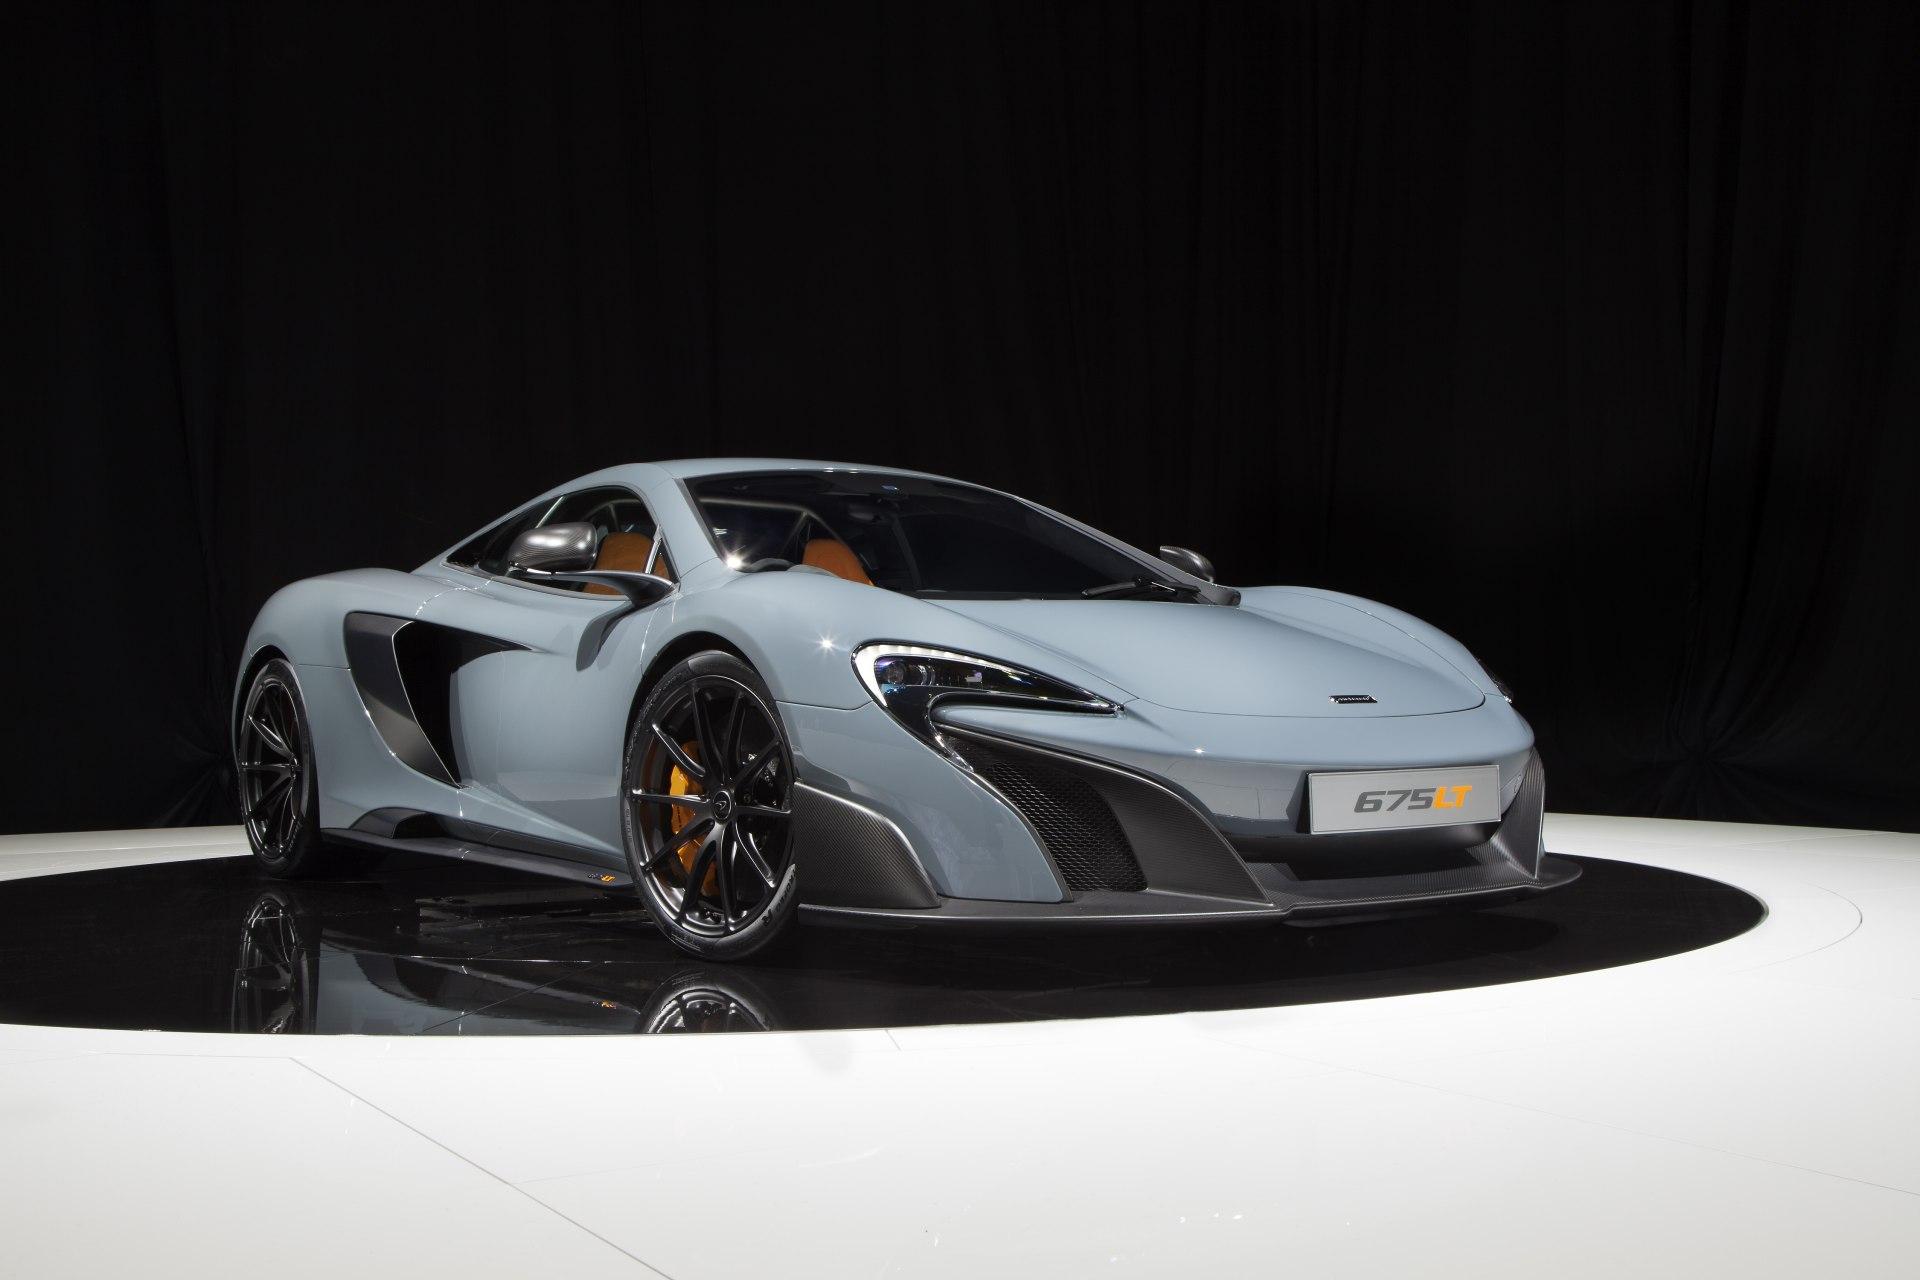 McLaren ya ha vendido las 500 unidades del 675LT